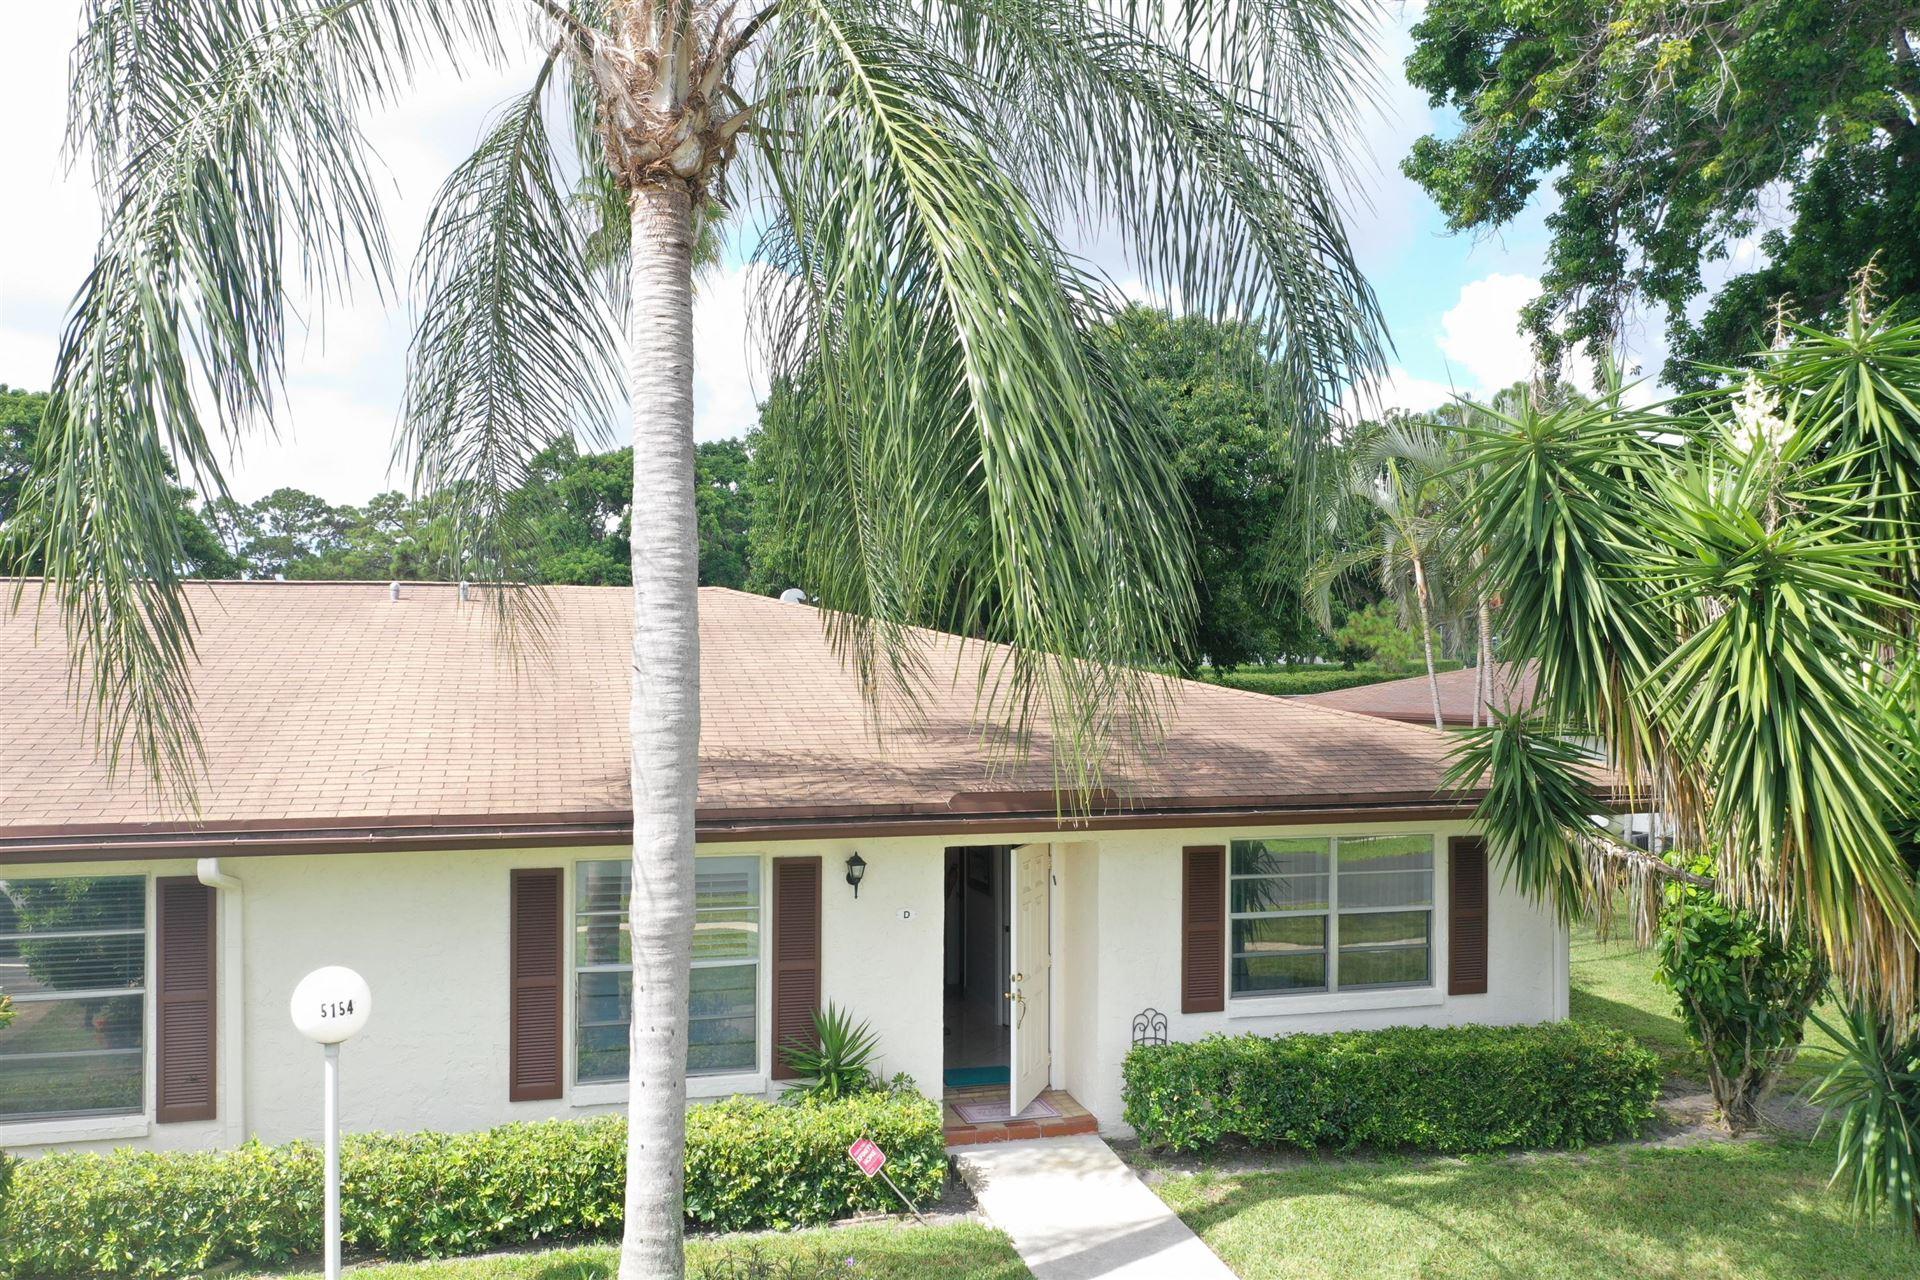 5154 Privet Place #D, Delray Beach, FL 33484 - #: RX-10639708